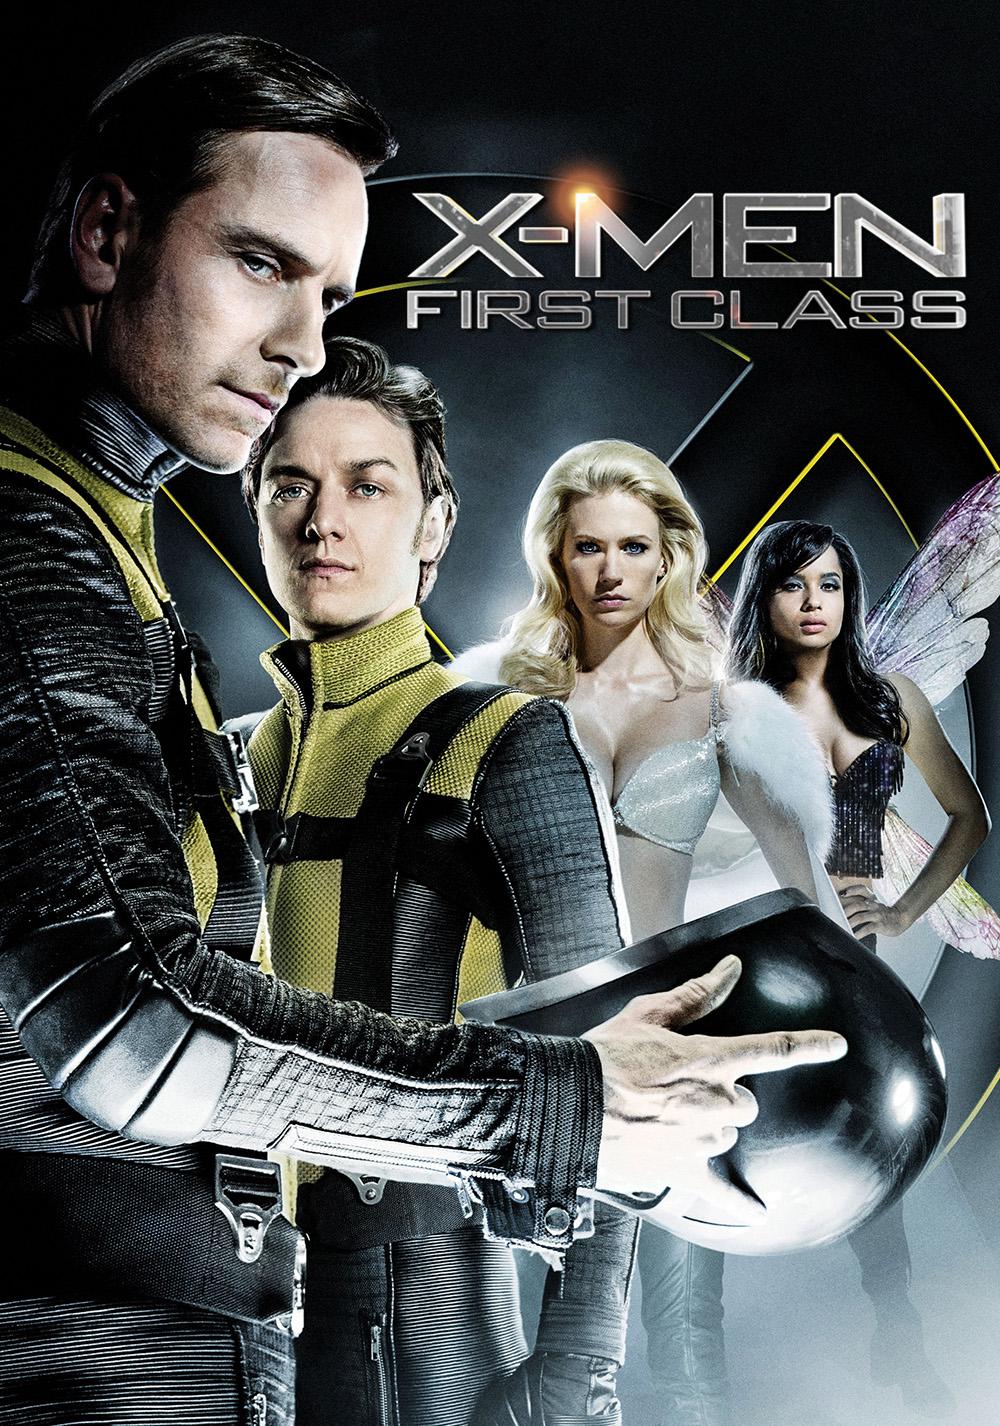 xmen first class movie fanart fanarttv